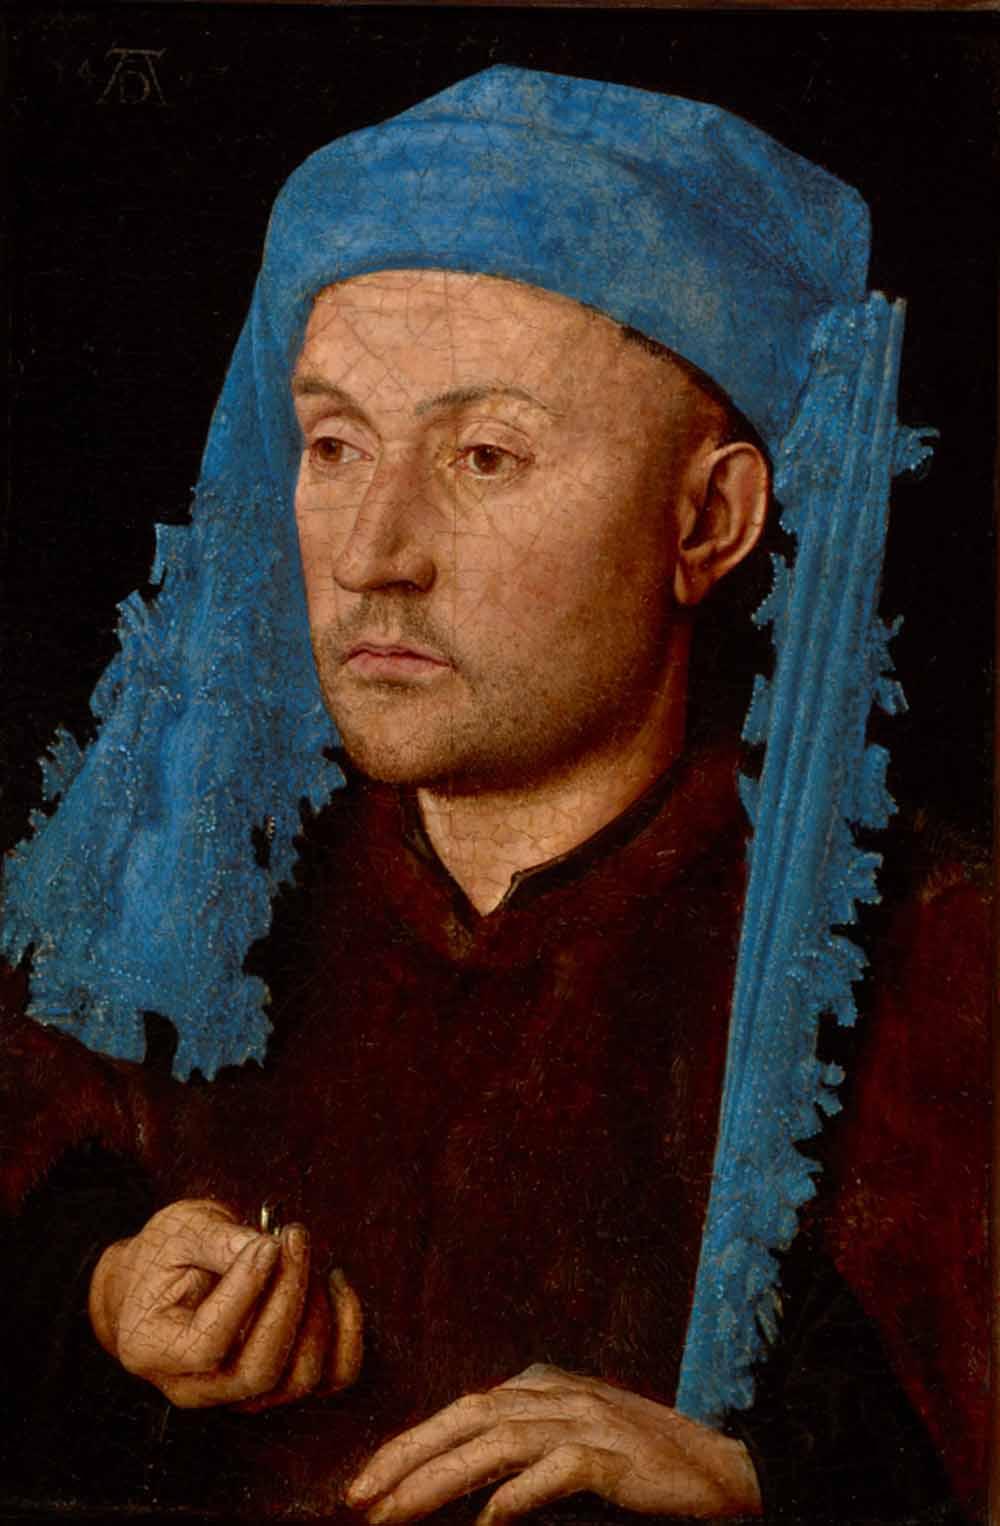 Jan van Eyck, Man met blauwe tulband, ca. 1430, olieverf op paneel, Nationaal Museum Brukenthal, Sibiu, Roemenië